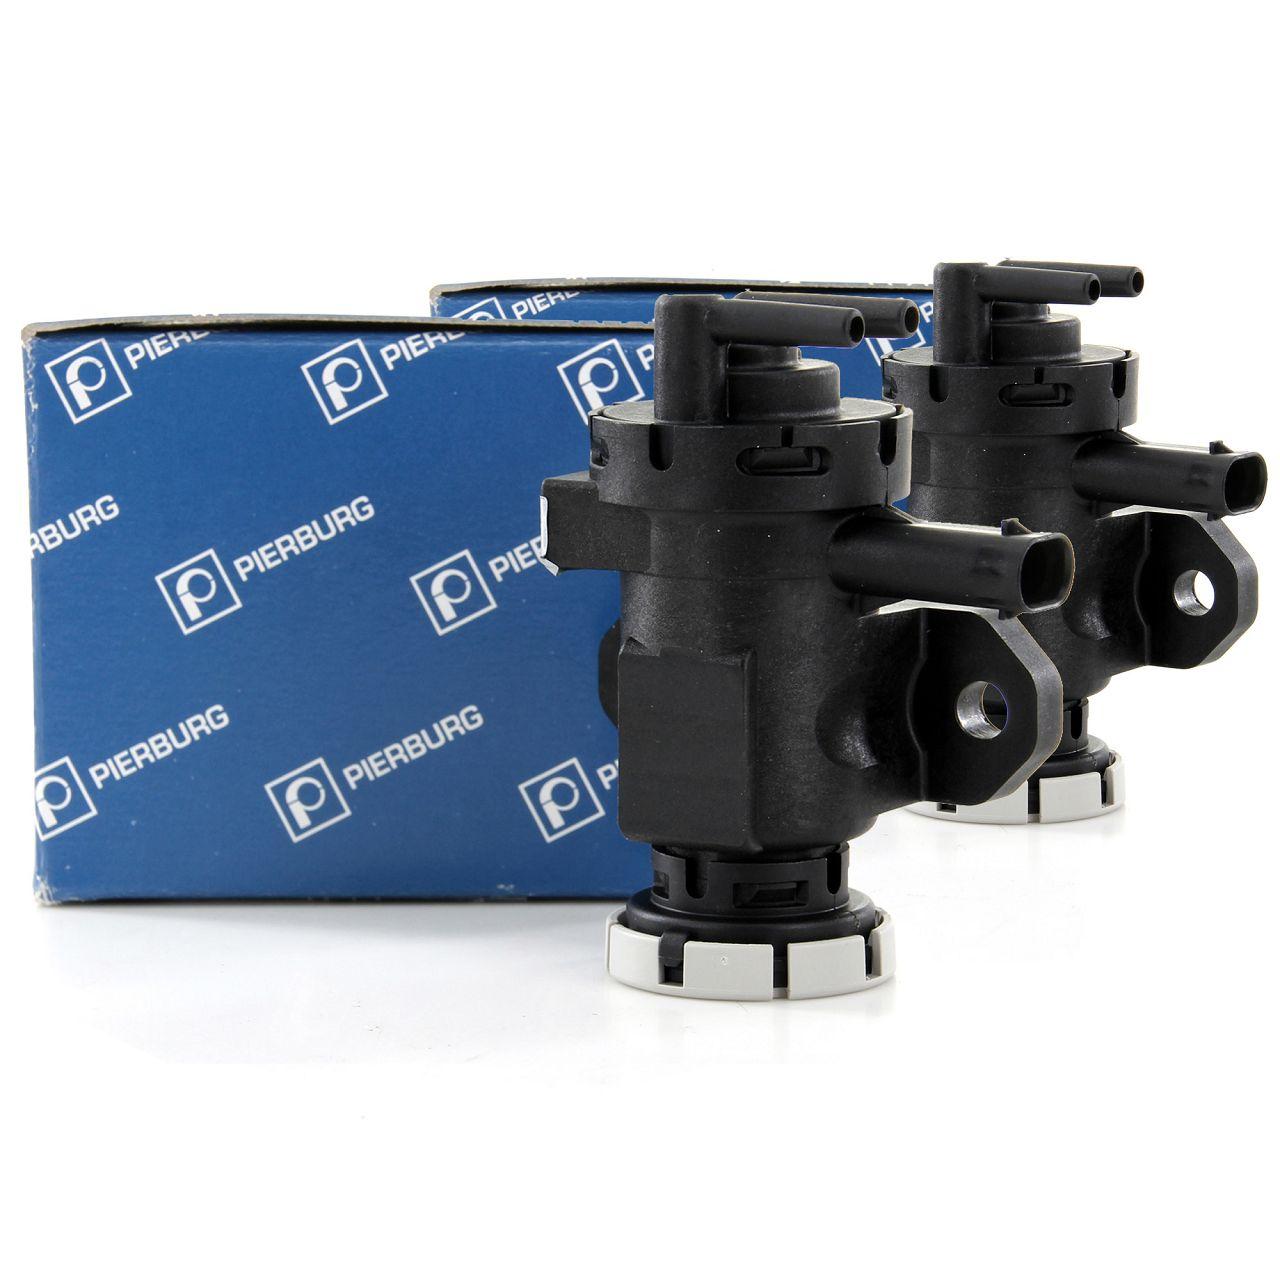 2x PIERBURG 7.02256.27.0 Druckwandler Magnetventil Turbolader für BMW E81 E92